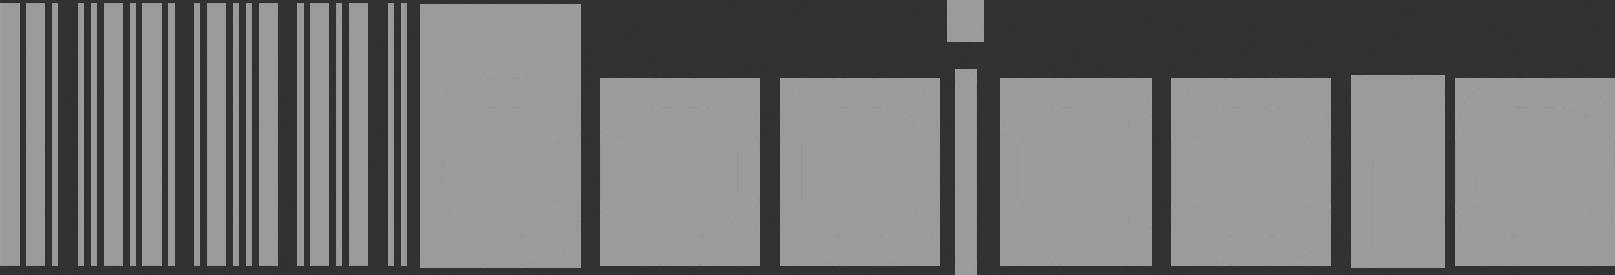 booicore logo grey